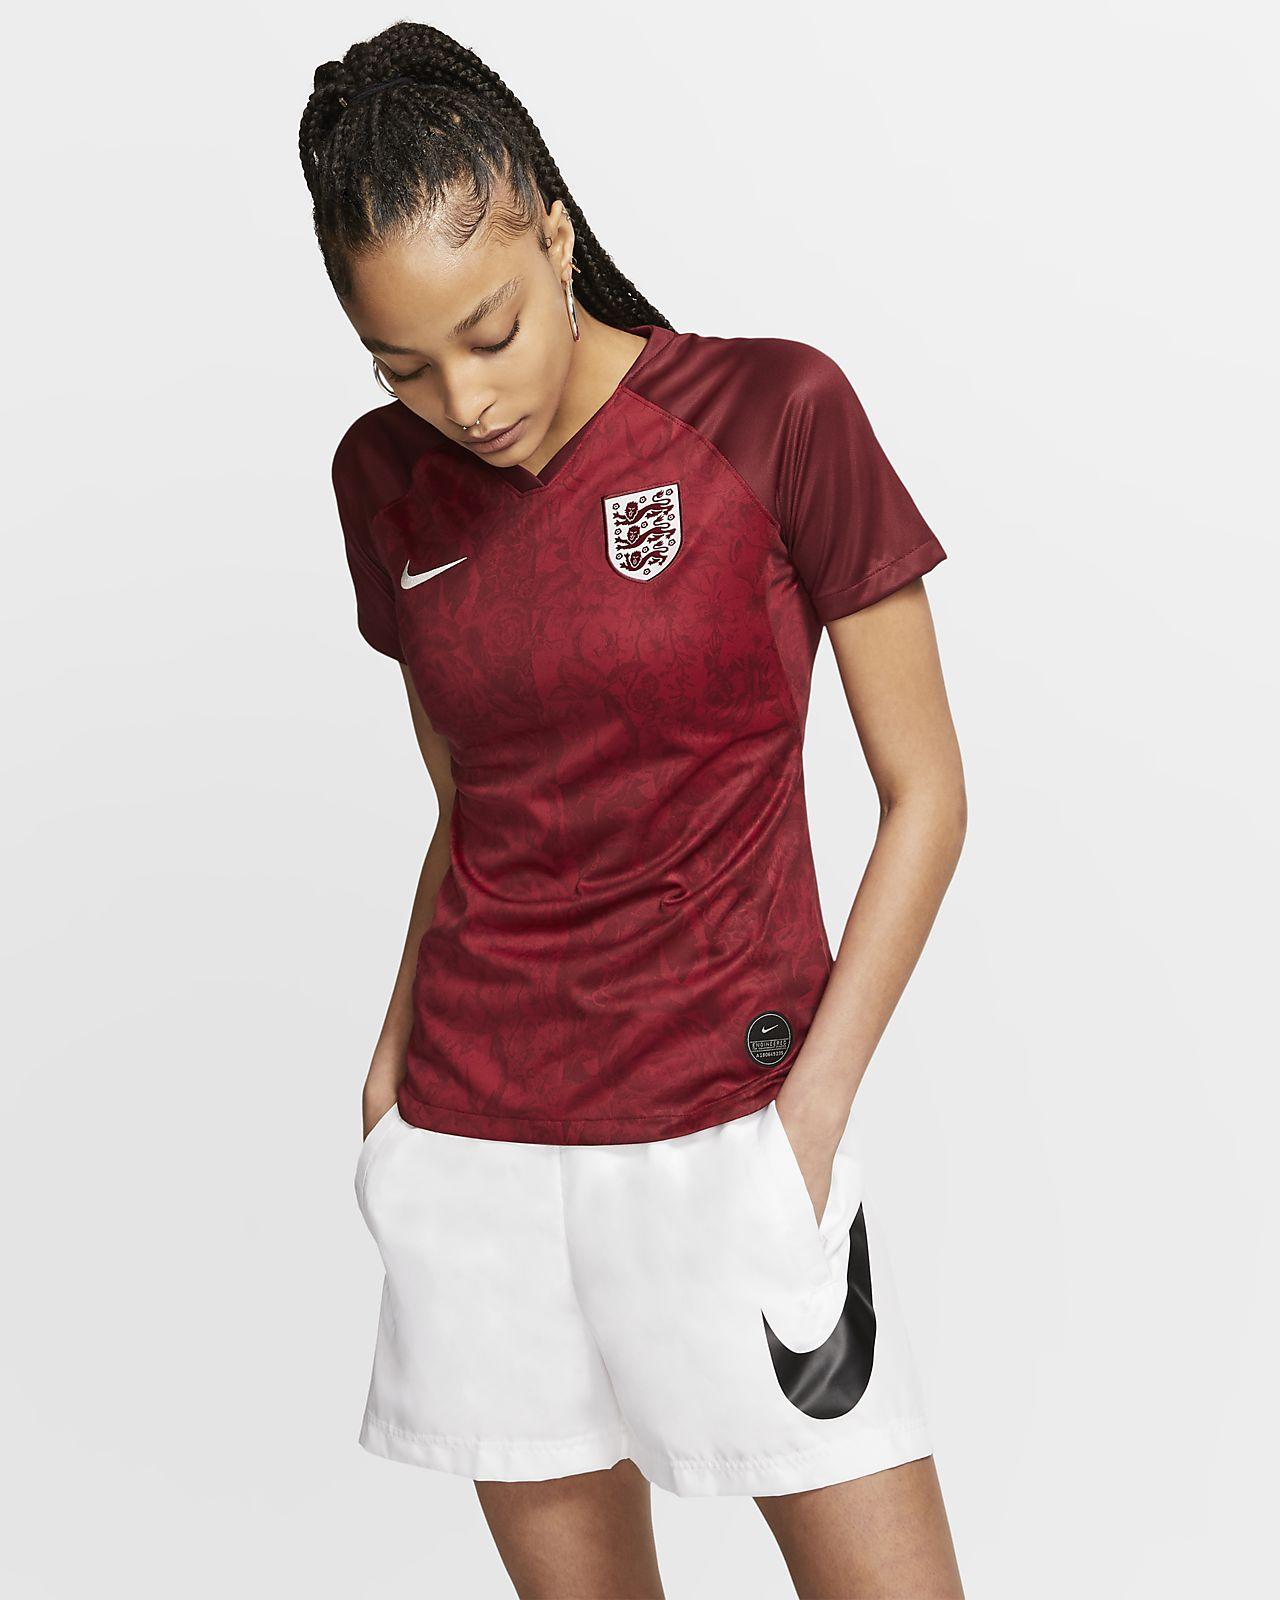 İngiltere 2019 Stadyum Deplasman Kadın Futbol Forması